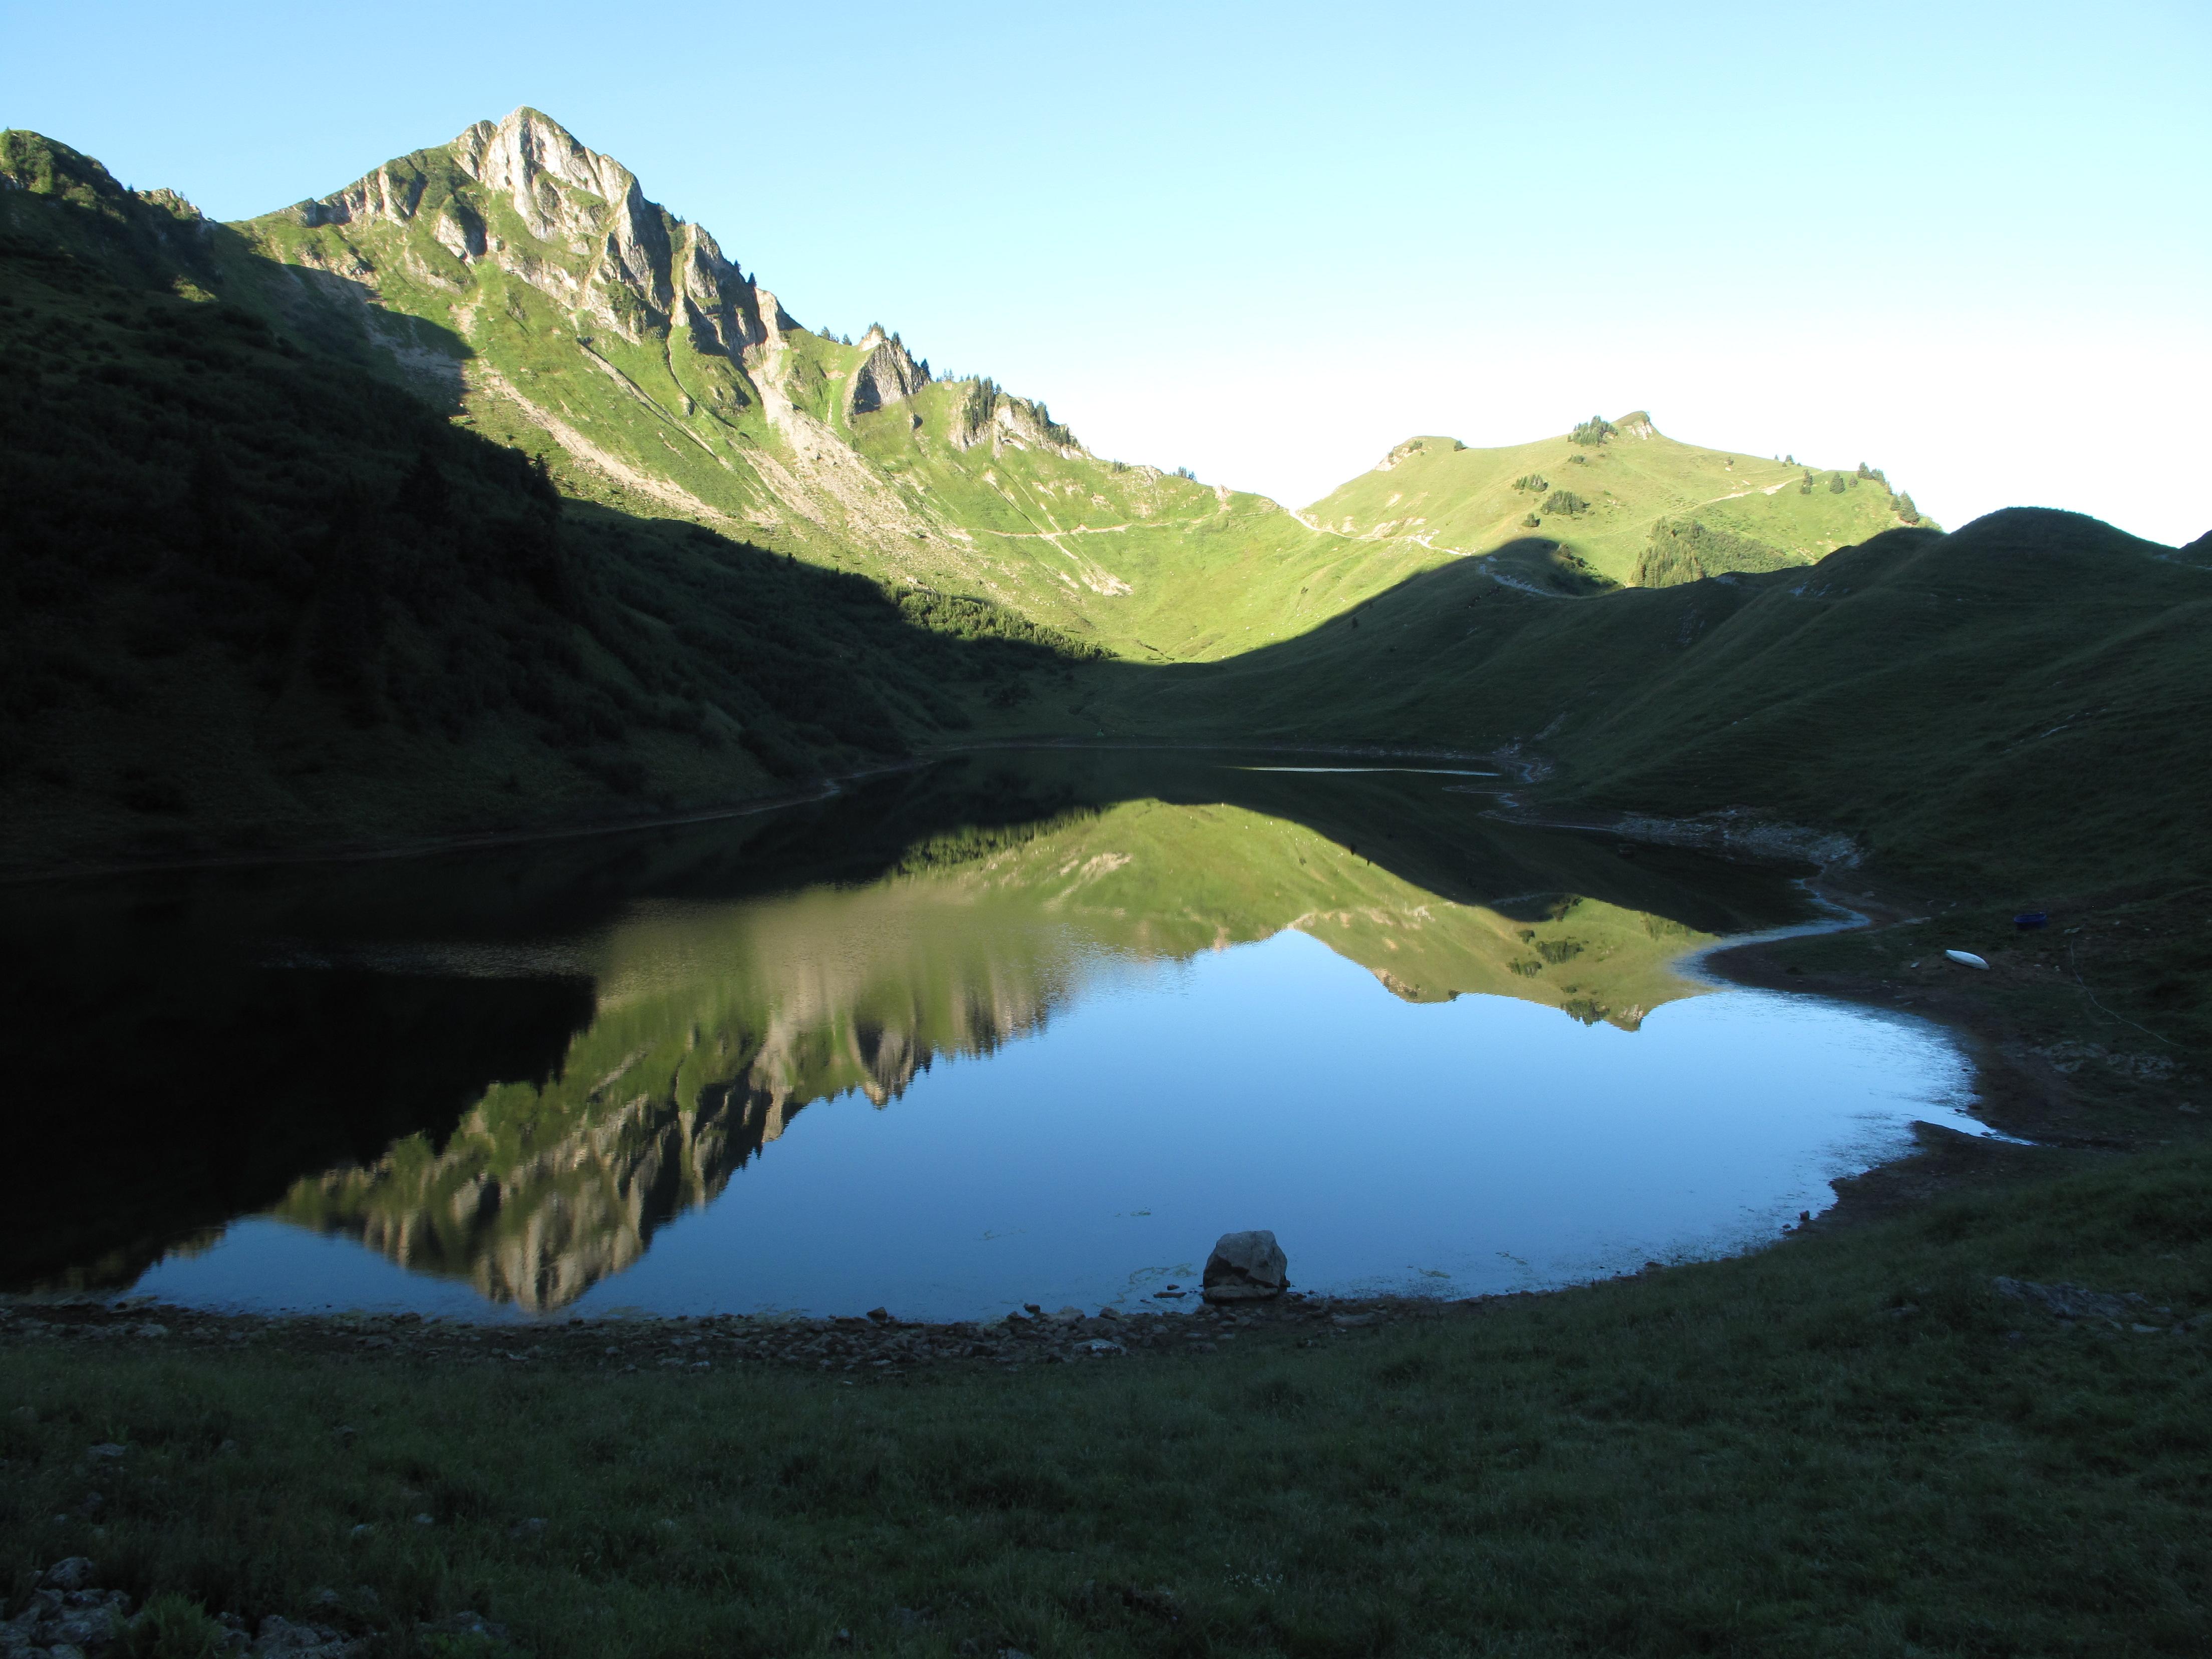 L'aiguille verte et Lac Lessy matin